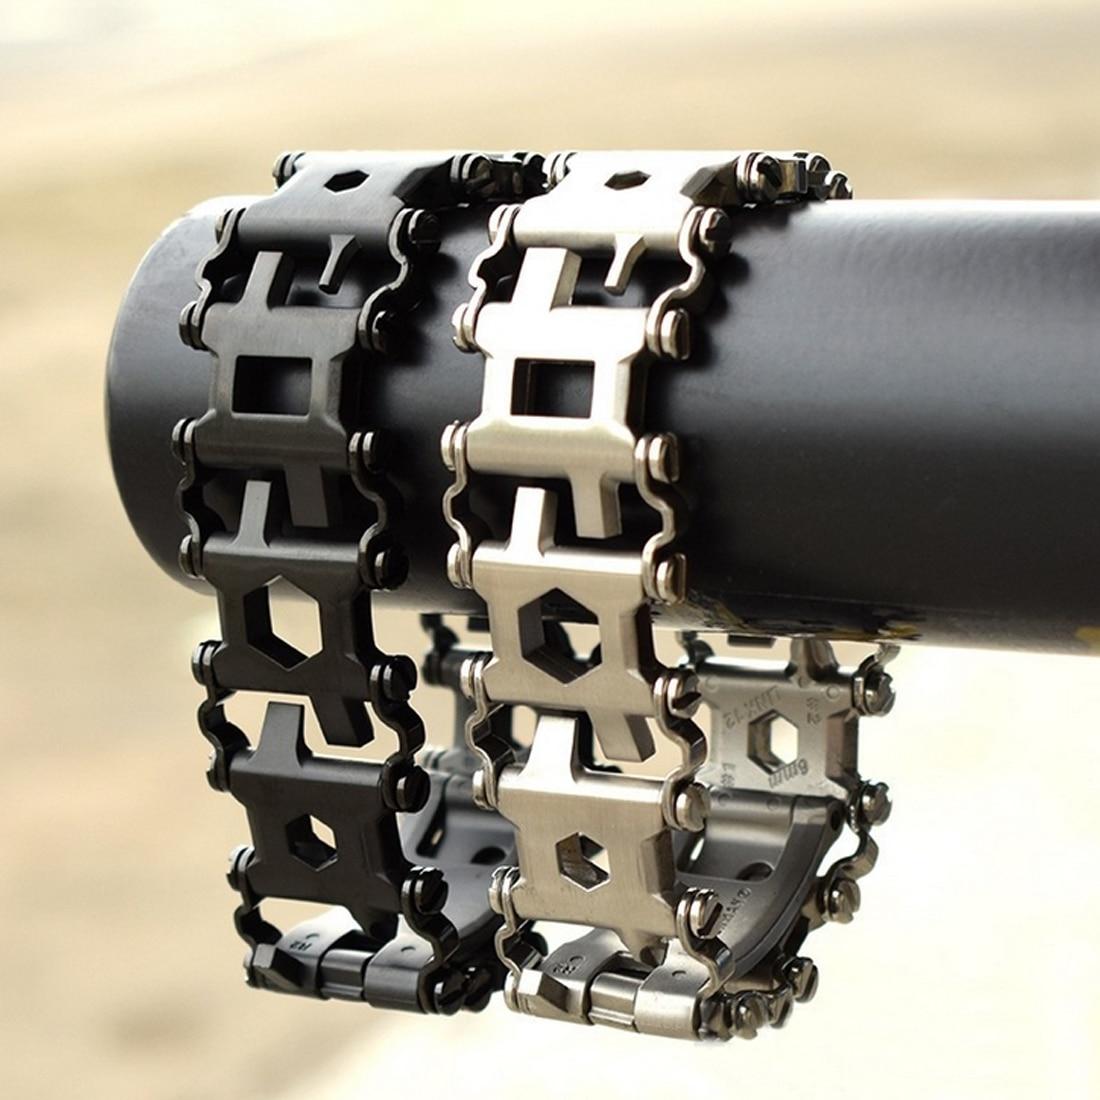 29 in1 универсальный браслет из нержавеющей стали ремонт ручной инструмент гаечный ключ Отвертка открывалка для бутылок аварийный открытый и...